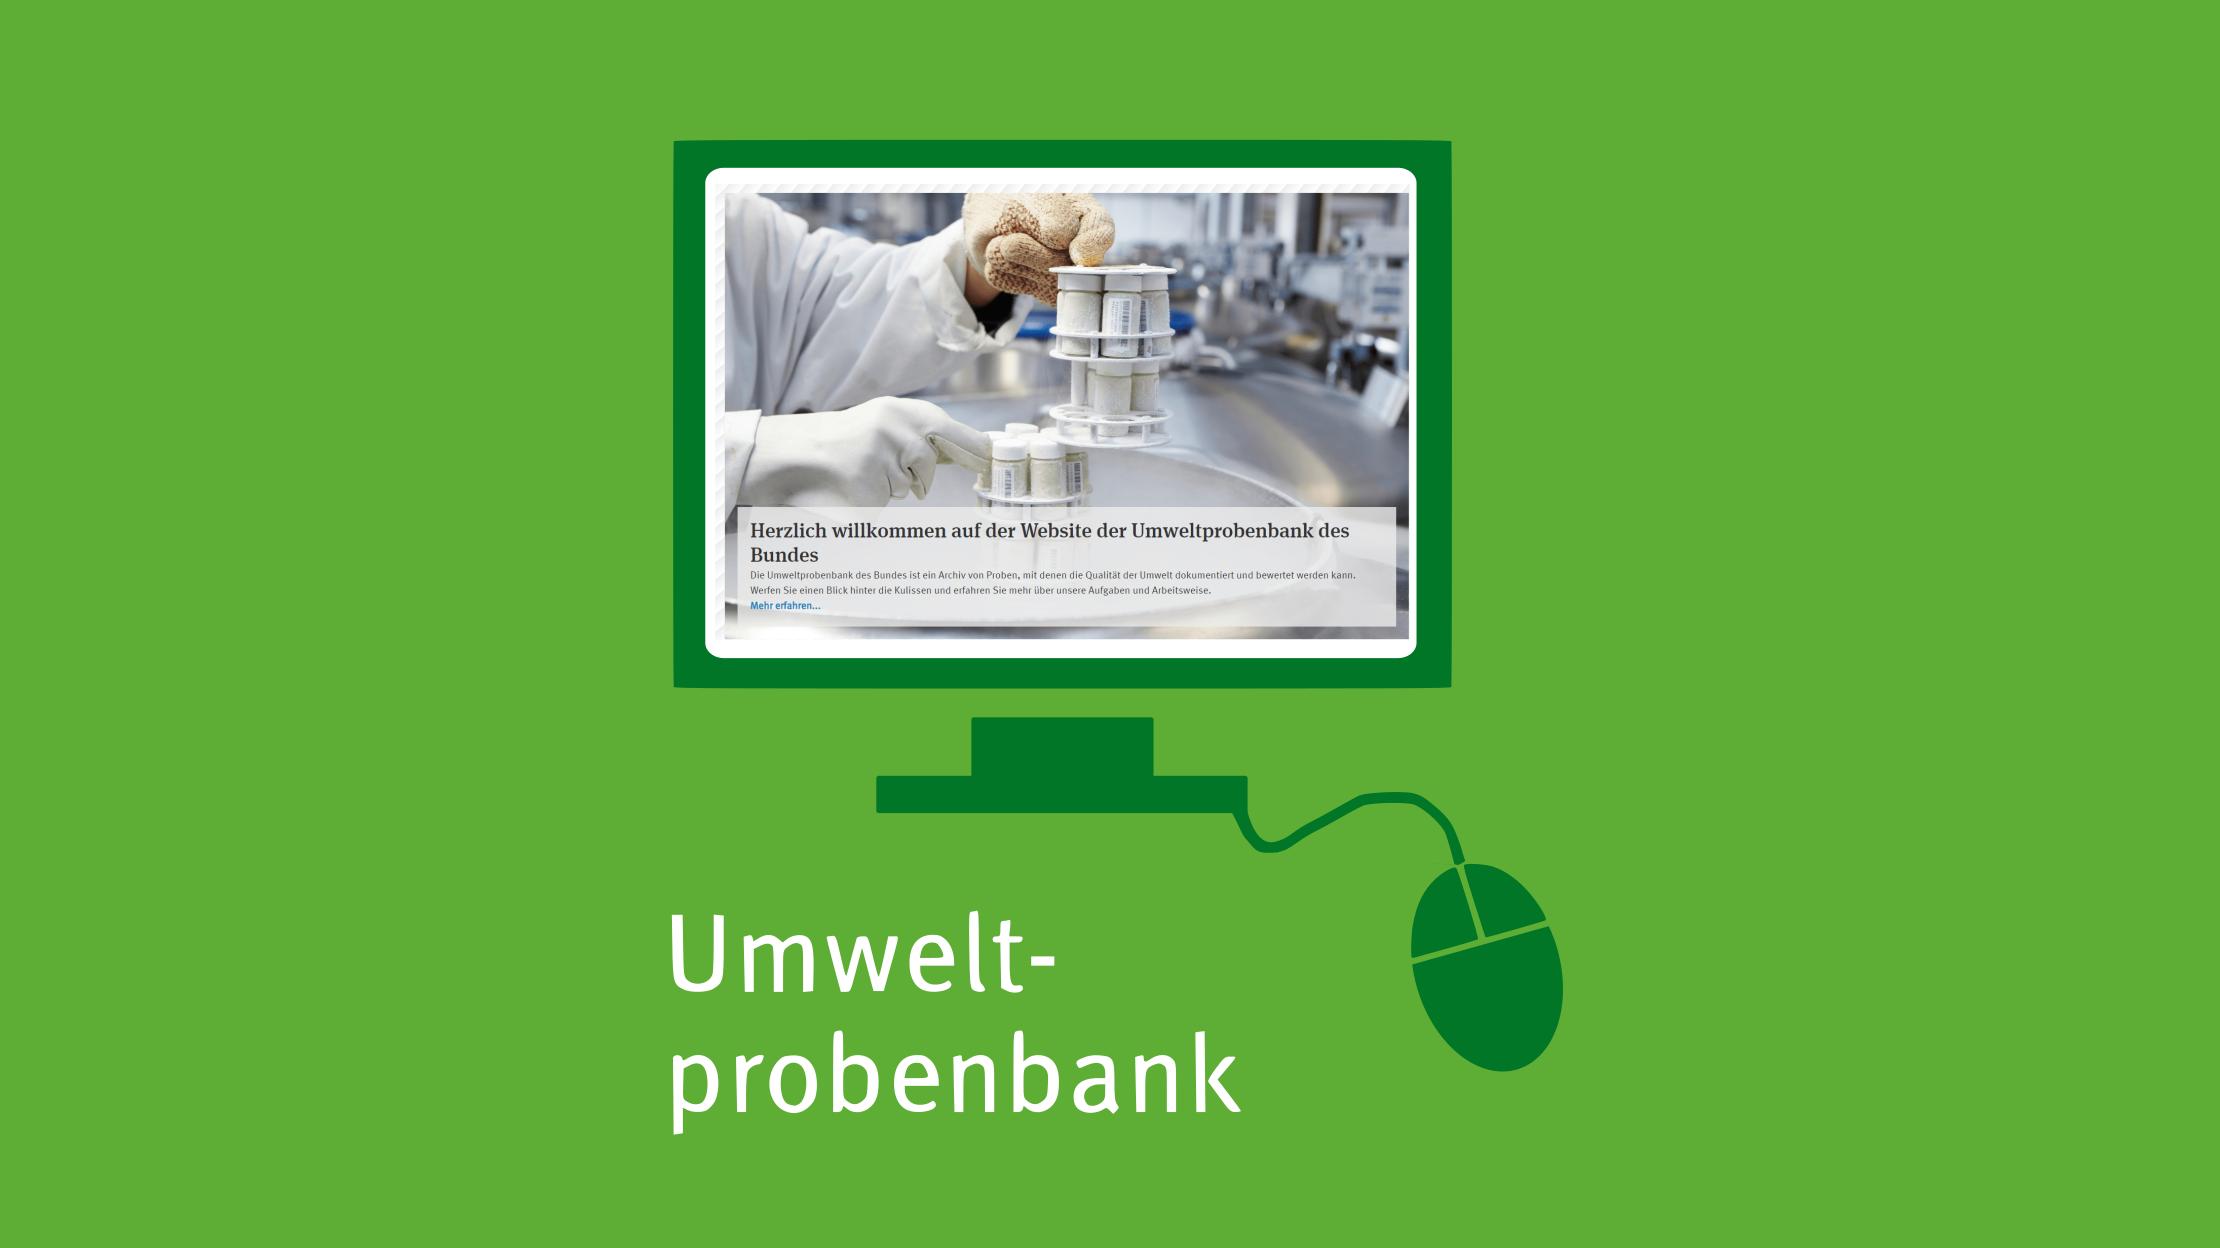 Ein Klick aufs Bild führt Sie zur verlinkten Umweltprobenbank-Website.